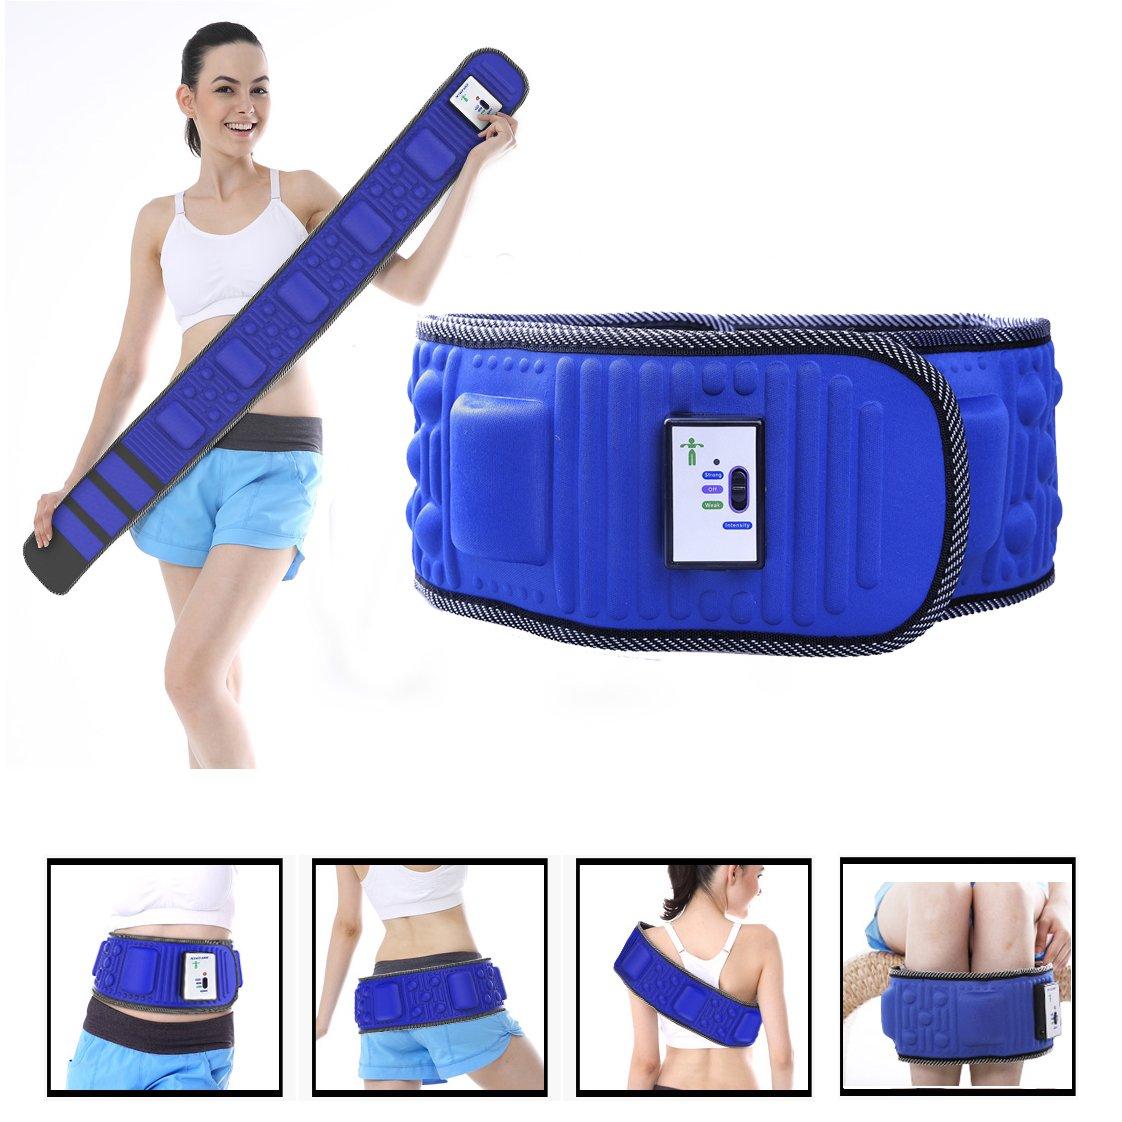 Vinteky® Cinturón Electroestimulador Abdominal Cinturón Vibratorio para Masaje con Intensidad Ajustable Quemador